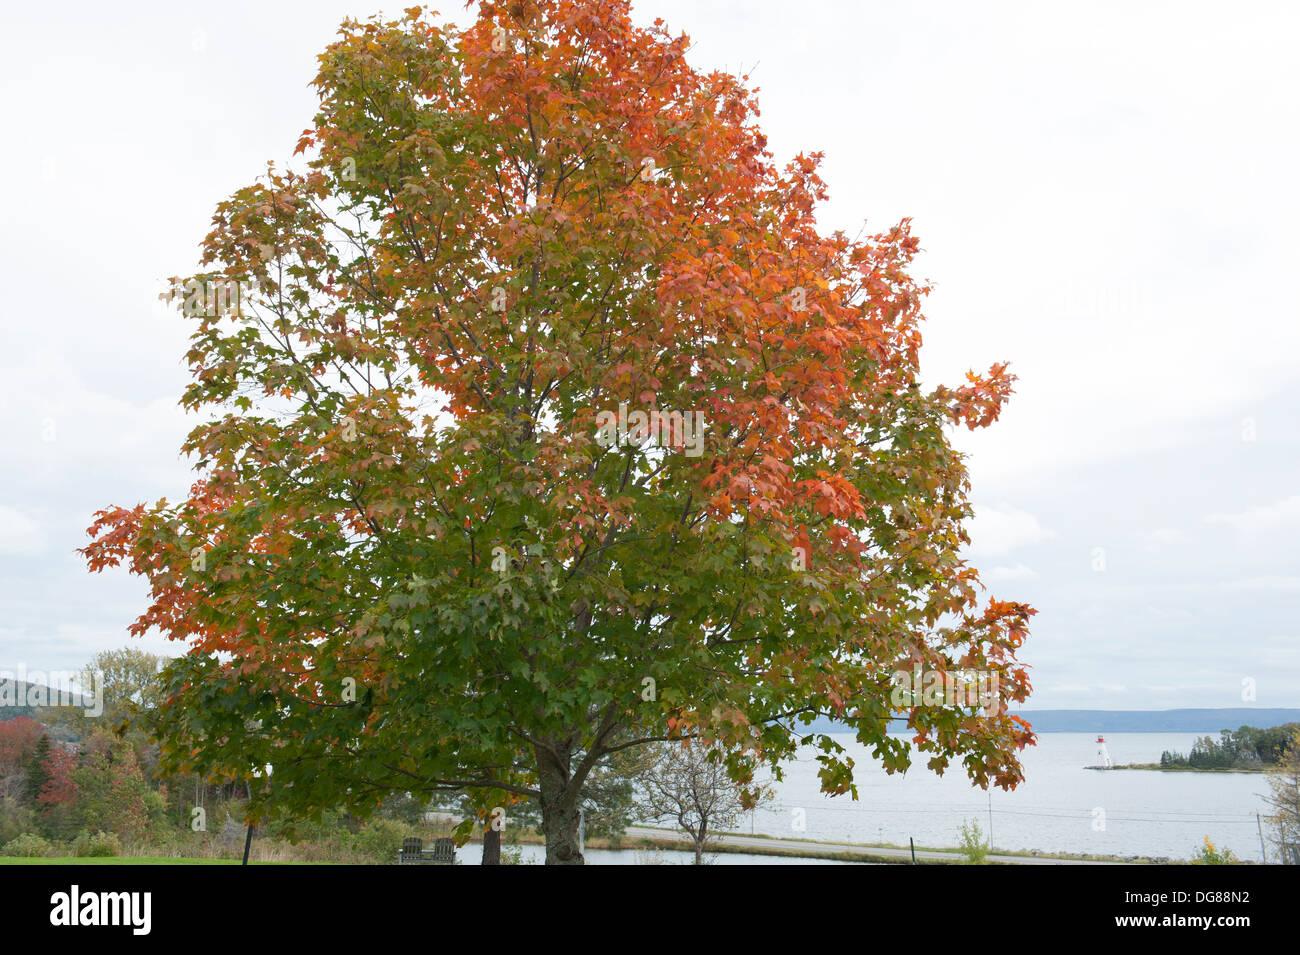 October in Baddeck on Bras d'Or Lake, Cape Breton Island, Nova Scotia. - Stock Image